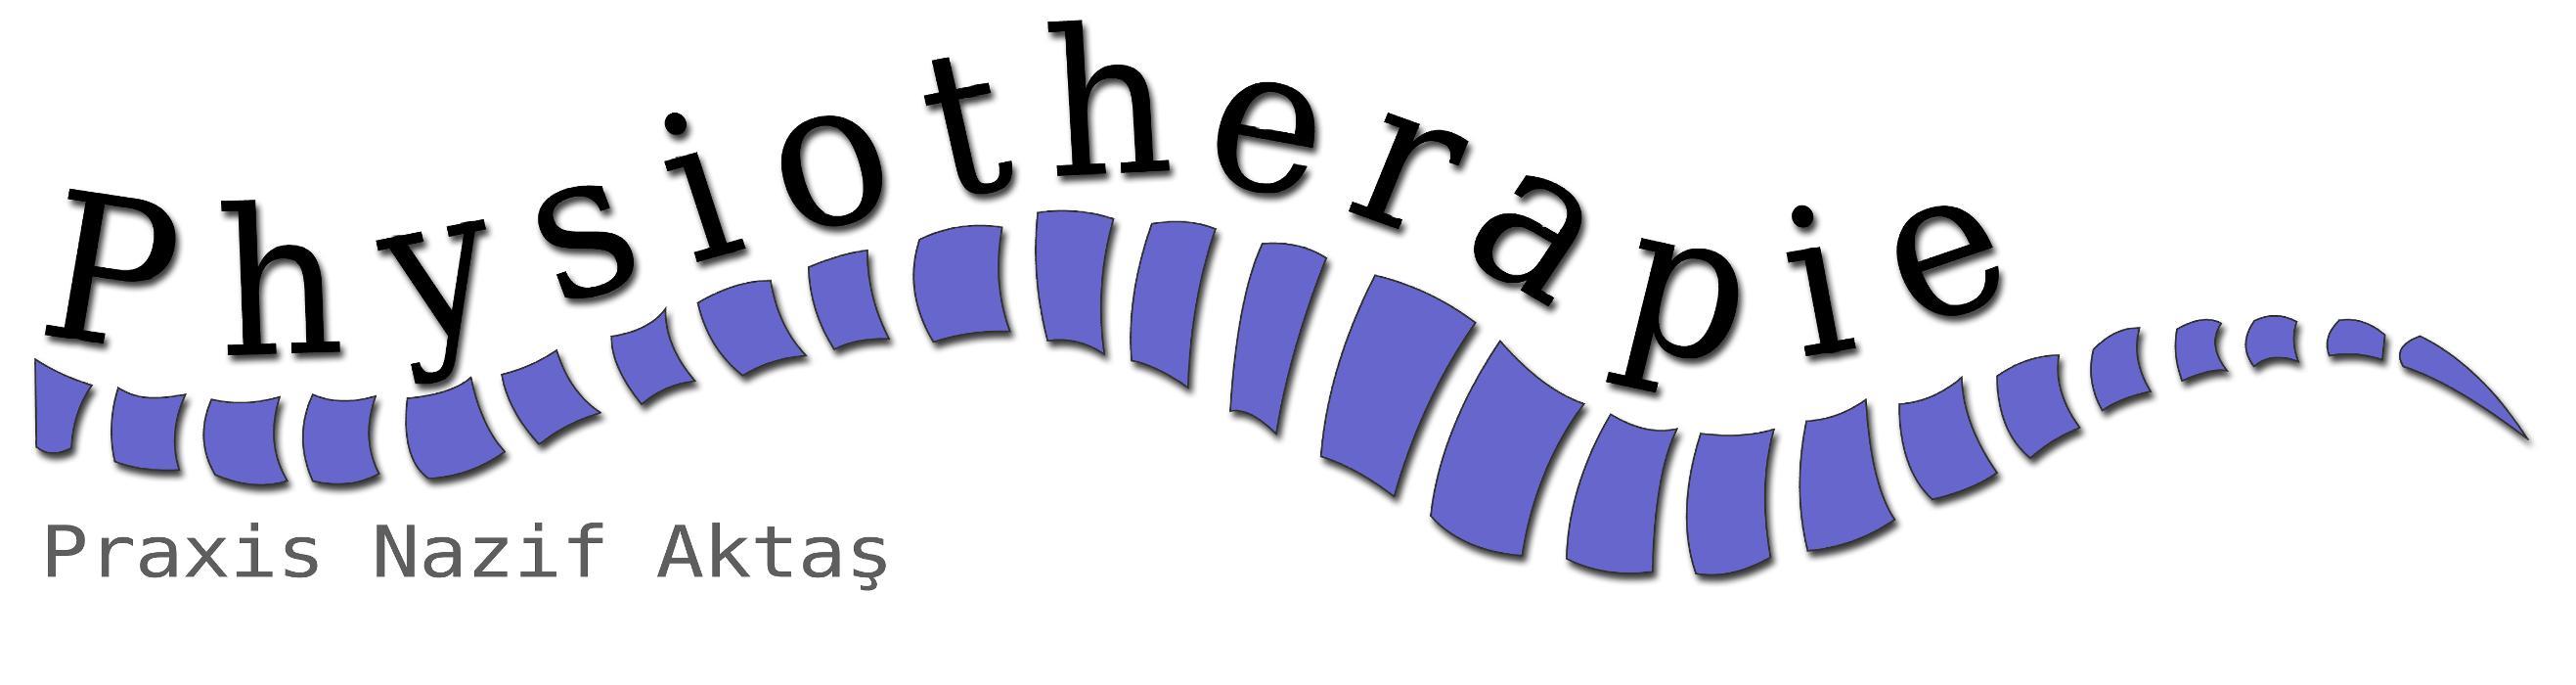 Bild zu Physiotherapie Ergotherapie Praxis Nazif Aktas in Essen